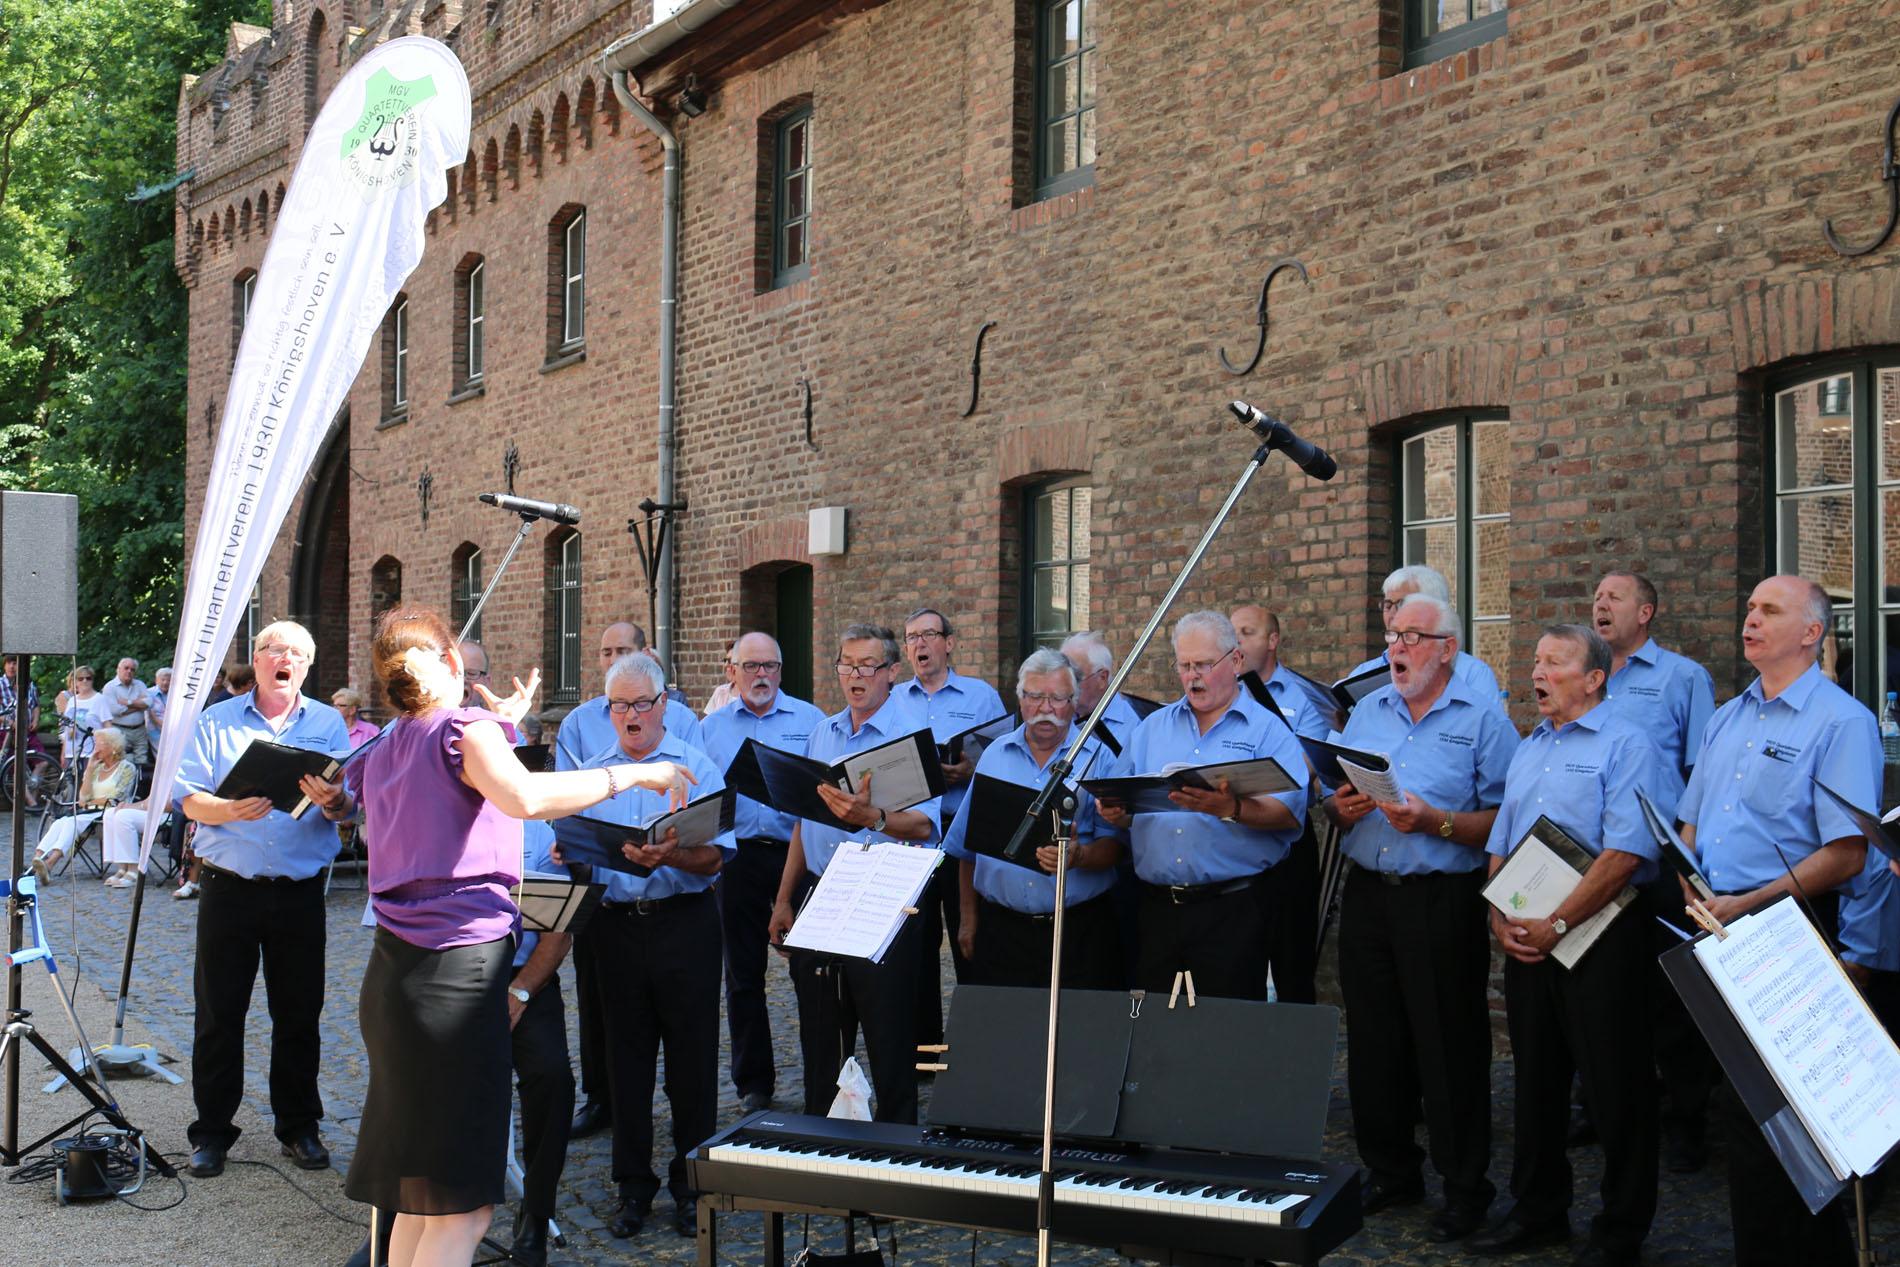 """Beim Sommer Open-Air-Konzert 2017 auf Schloss Paffendorf sangen die Königshovener Sänger mit Chorleiterin Daniela Bosenius unter anderem """"Wo meine Sonne scheint"""". (Fotos: Bastian Schlößer)"""